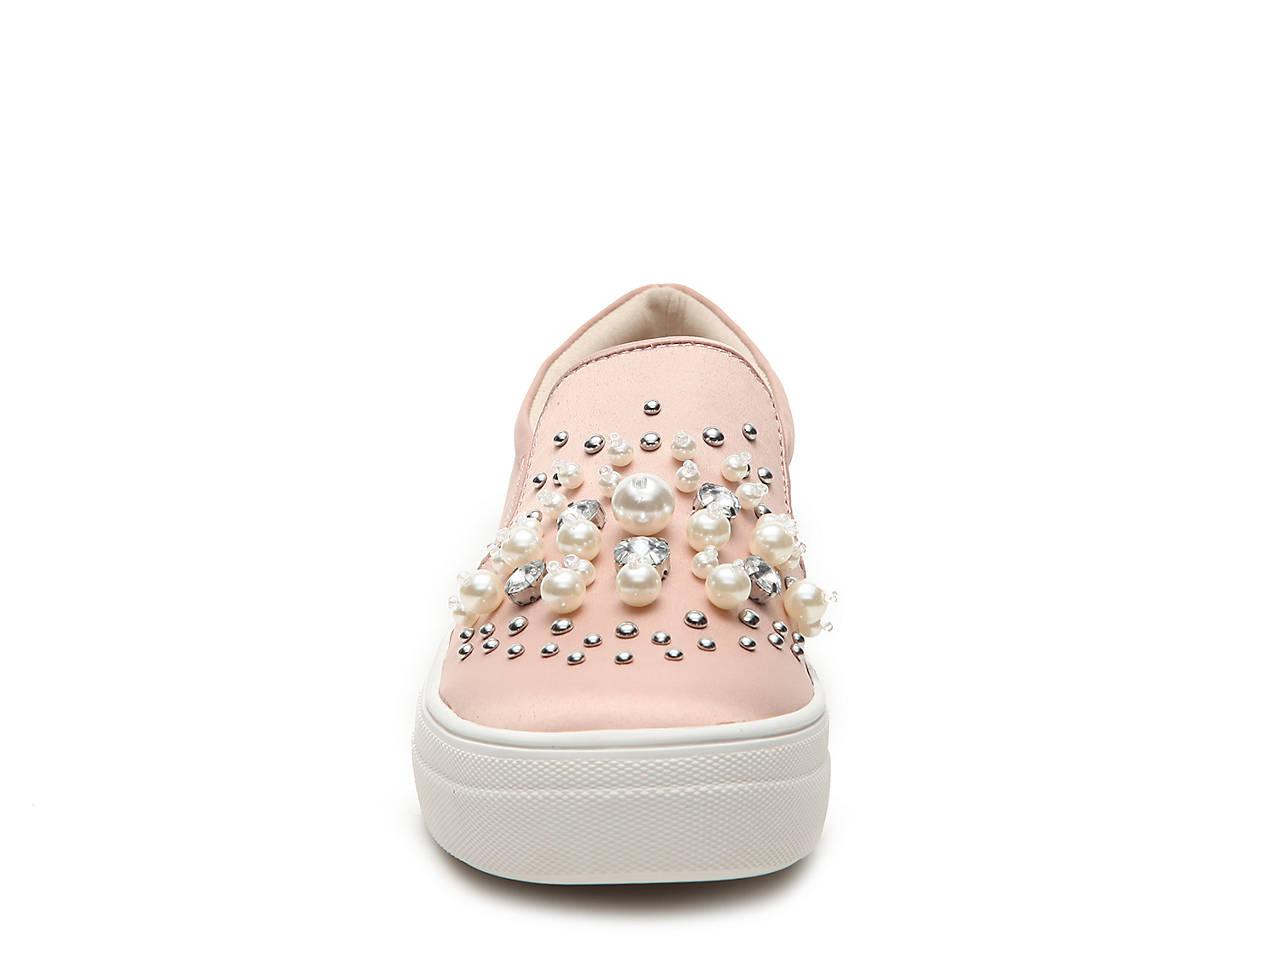 5276e6a08c6 Steve Madden Glamour Slip-On Sneaker Women s Shoes